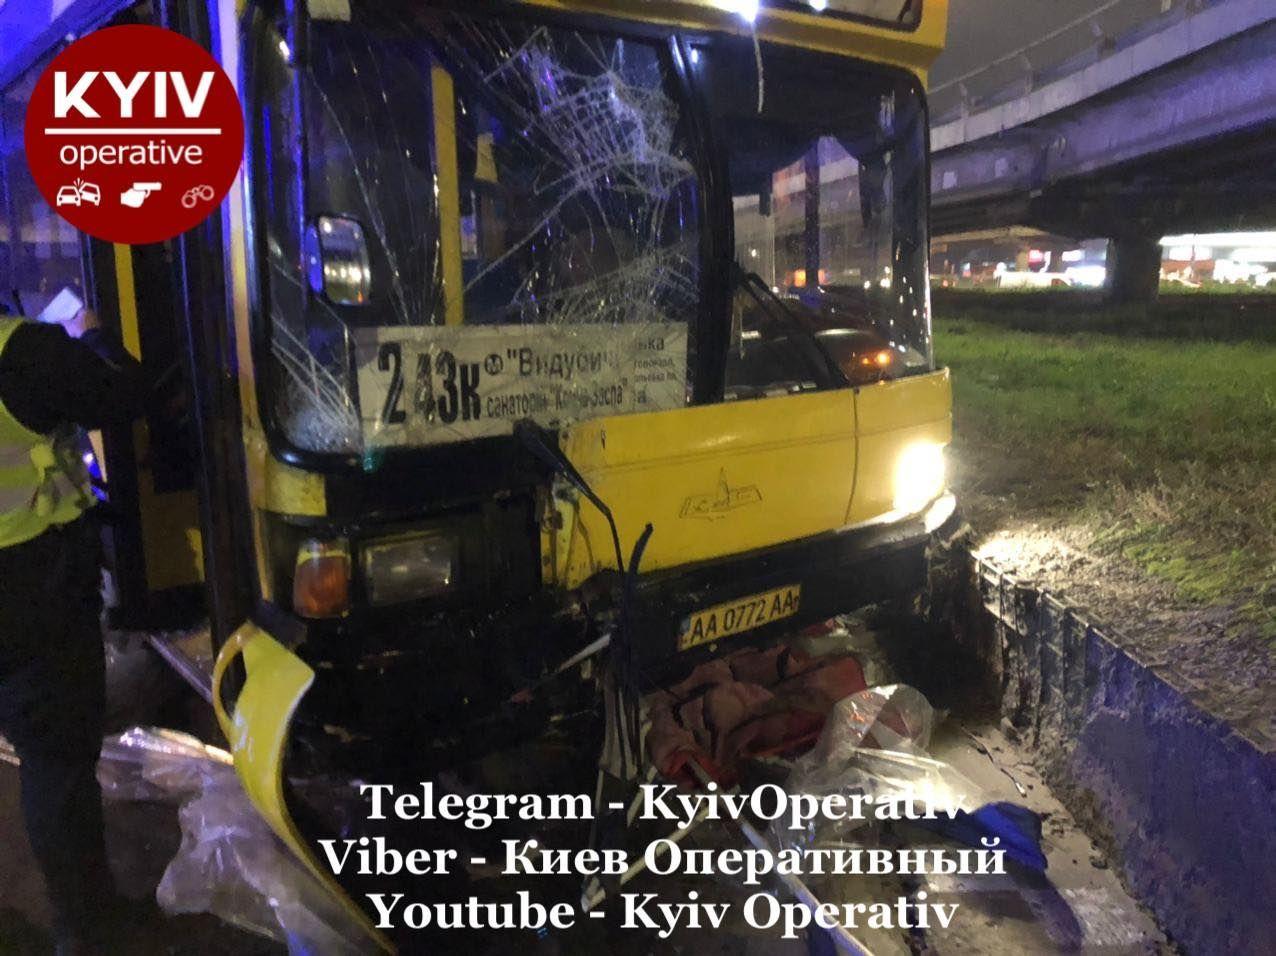 Смертельное ДТП в Киеве - автобус снес остановку, полную людей - фото 4